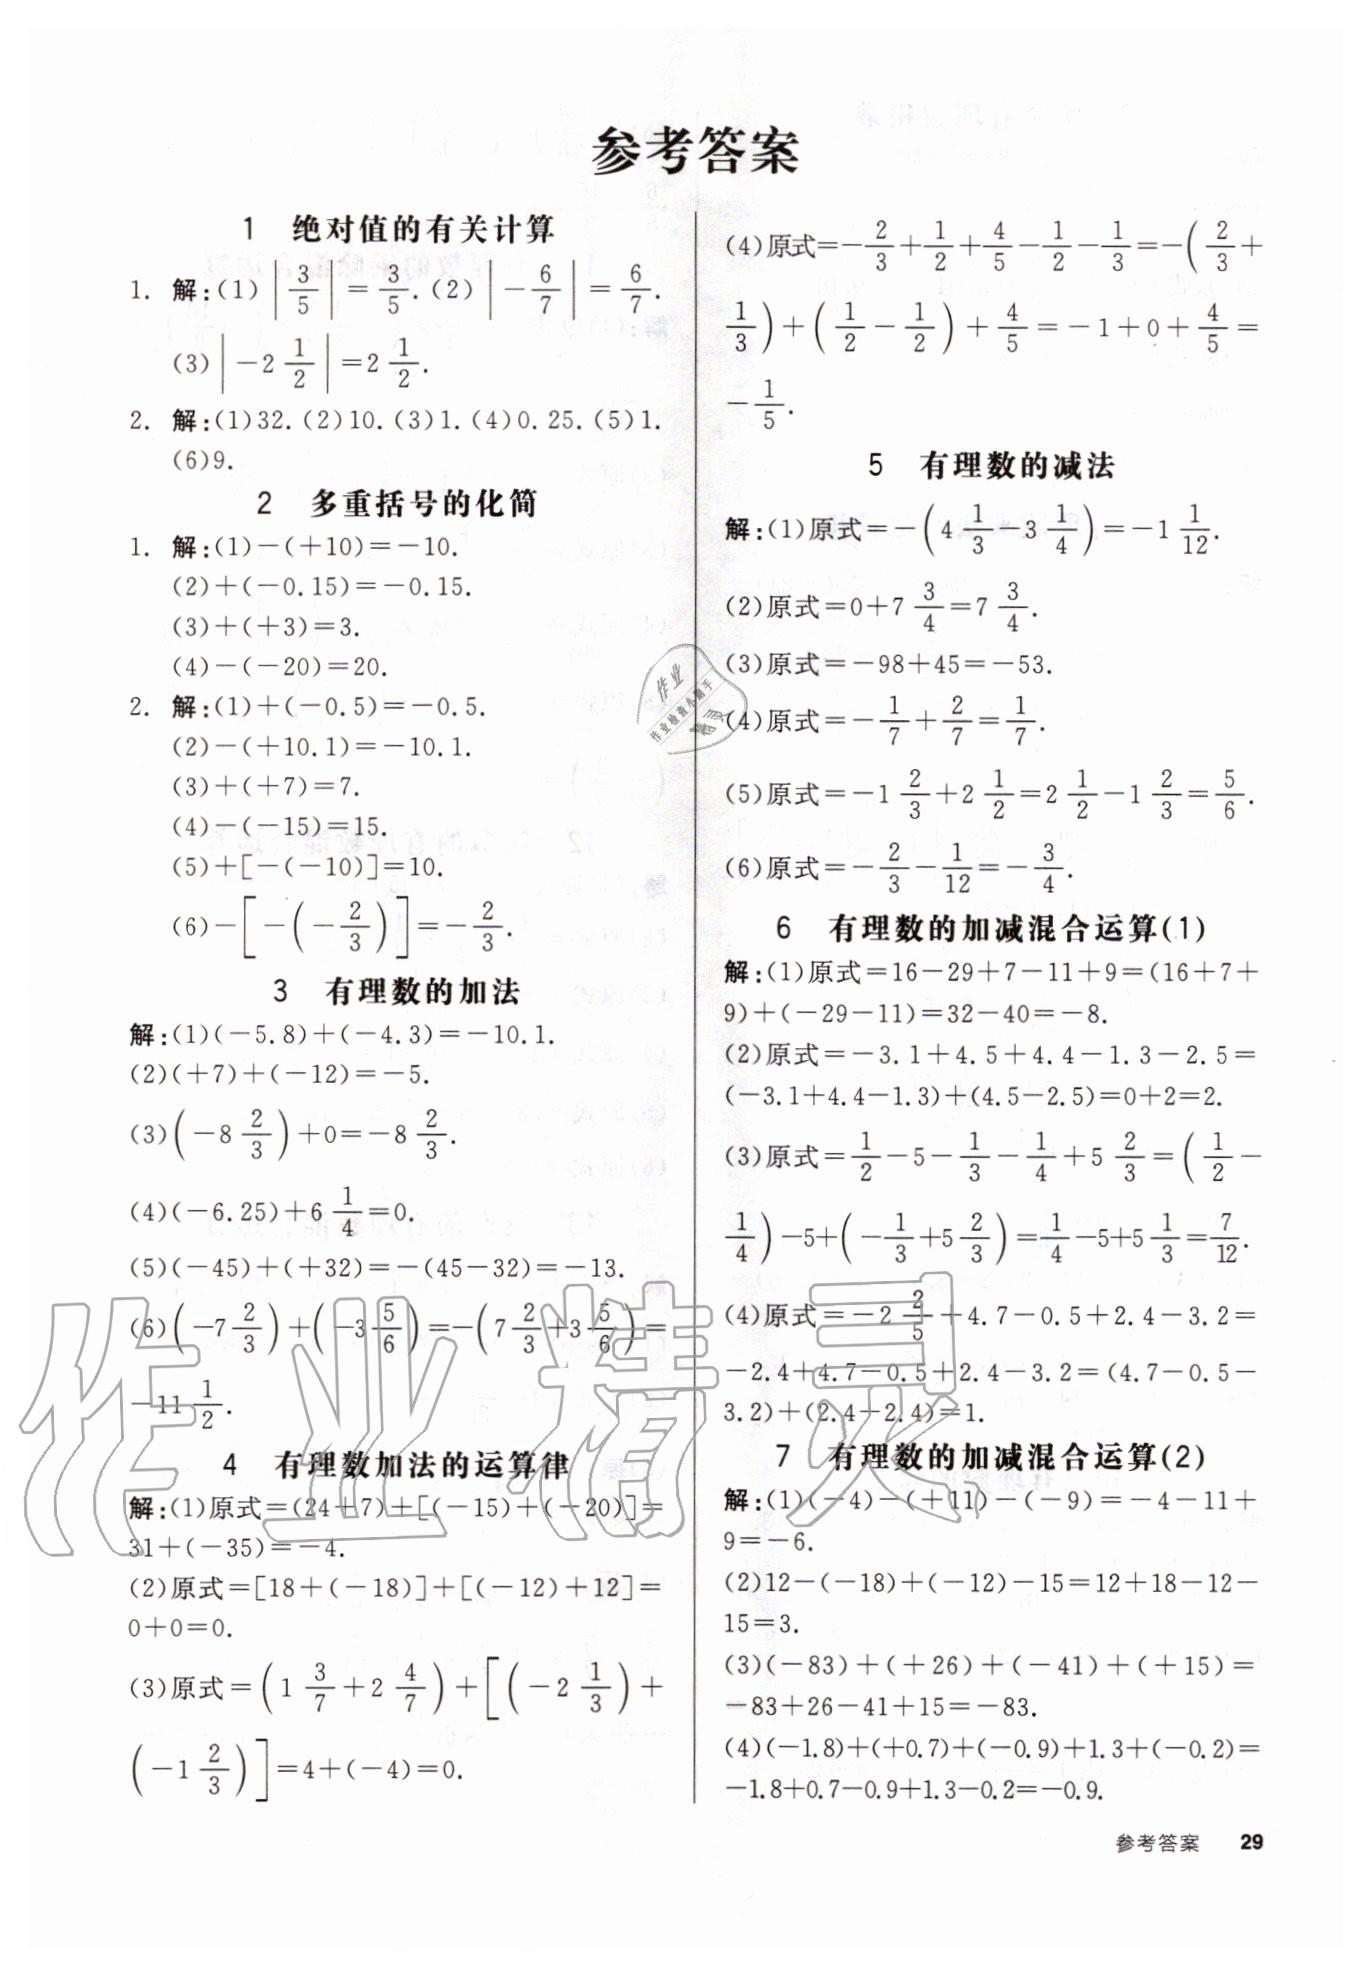 2020年全品作业本七年级数学上册华师大版第1页